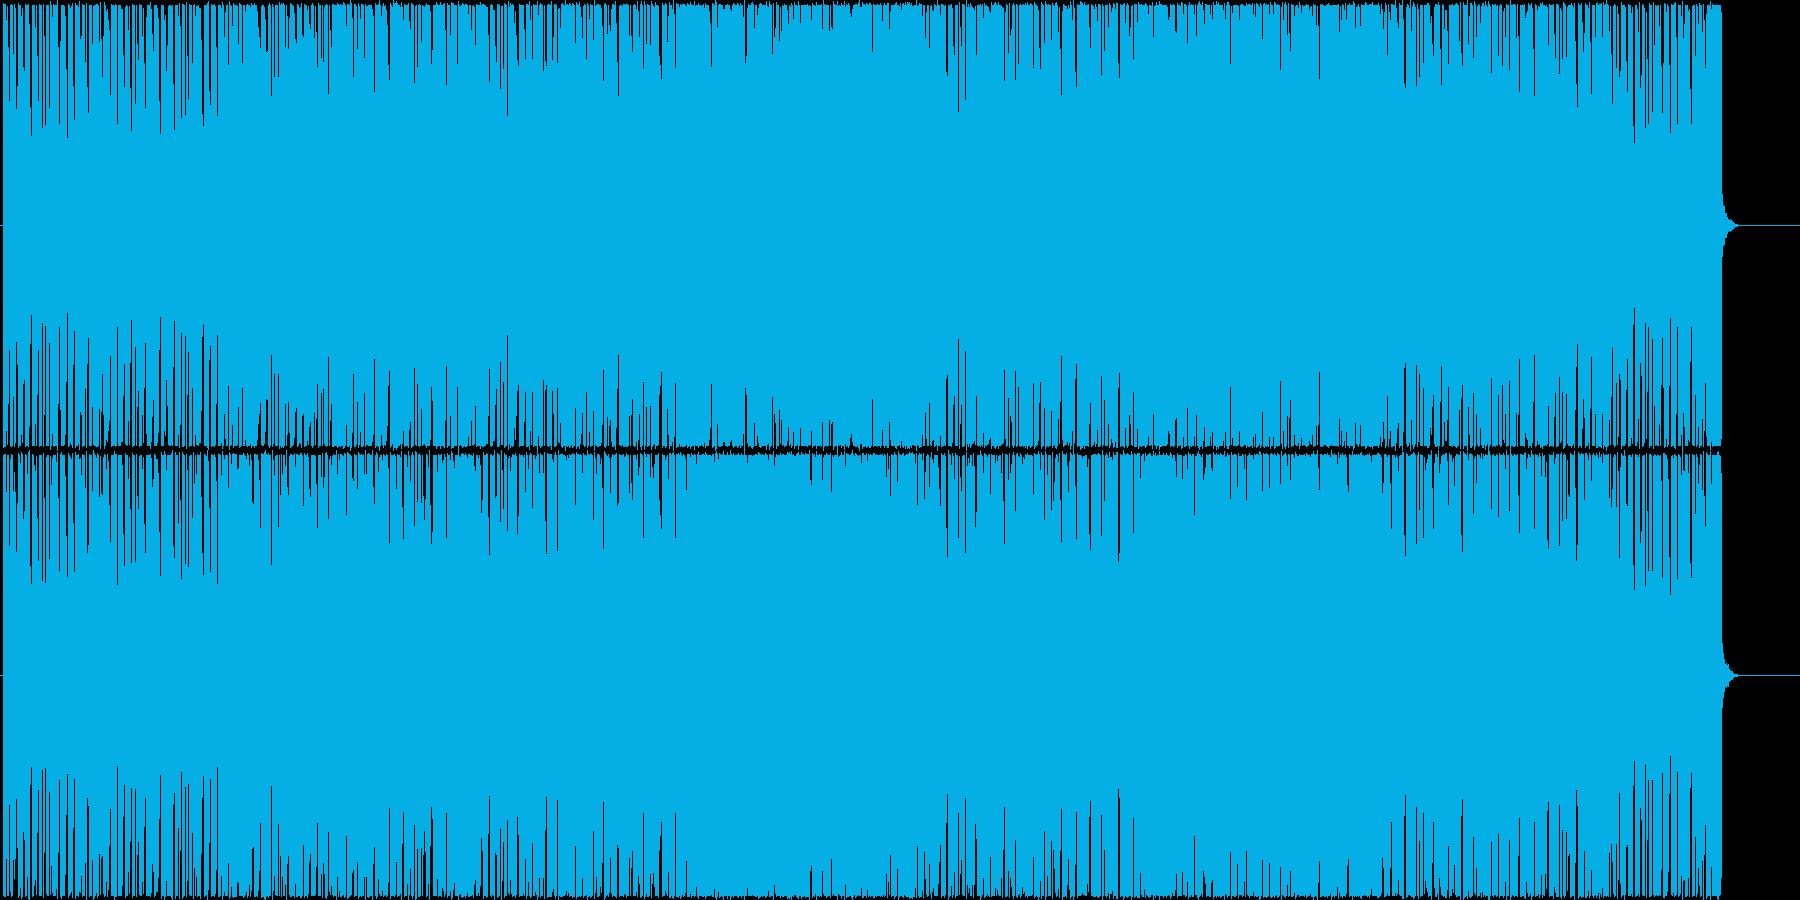 スリリングで不思議なユーロビートの再生済みの波形